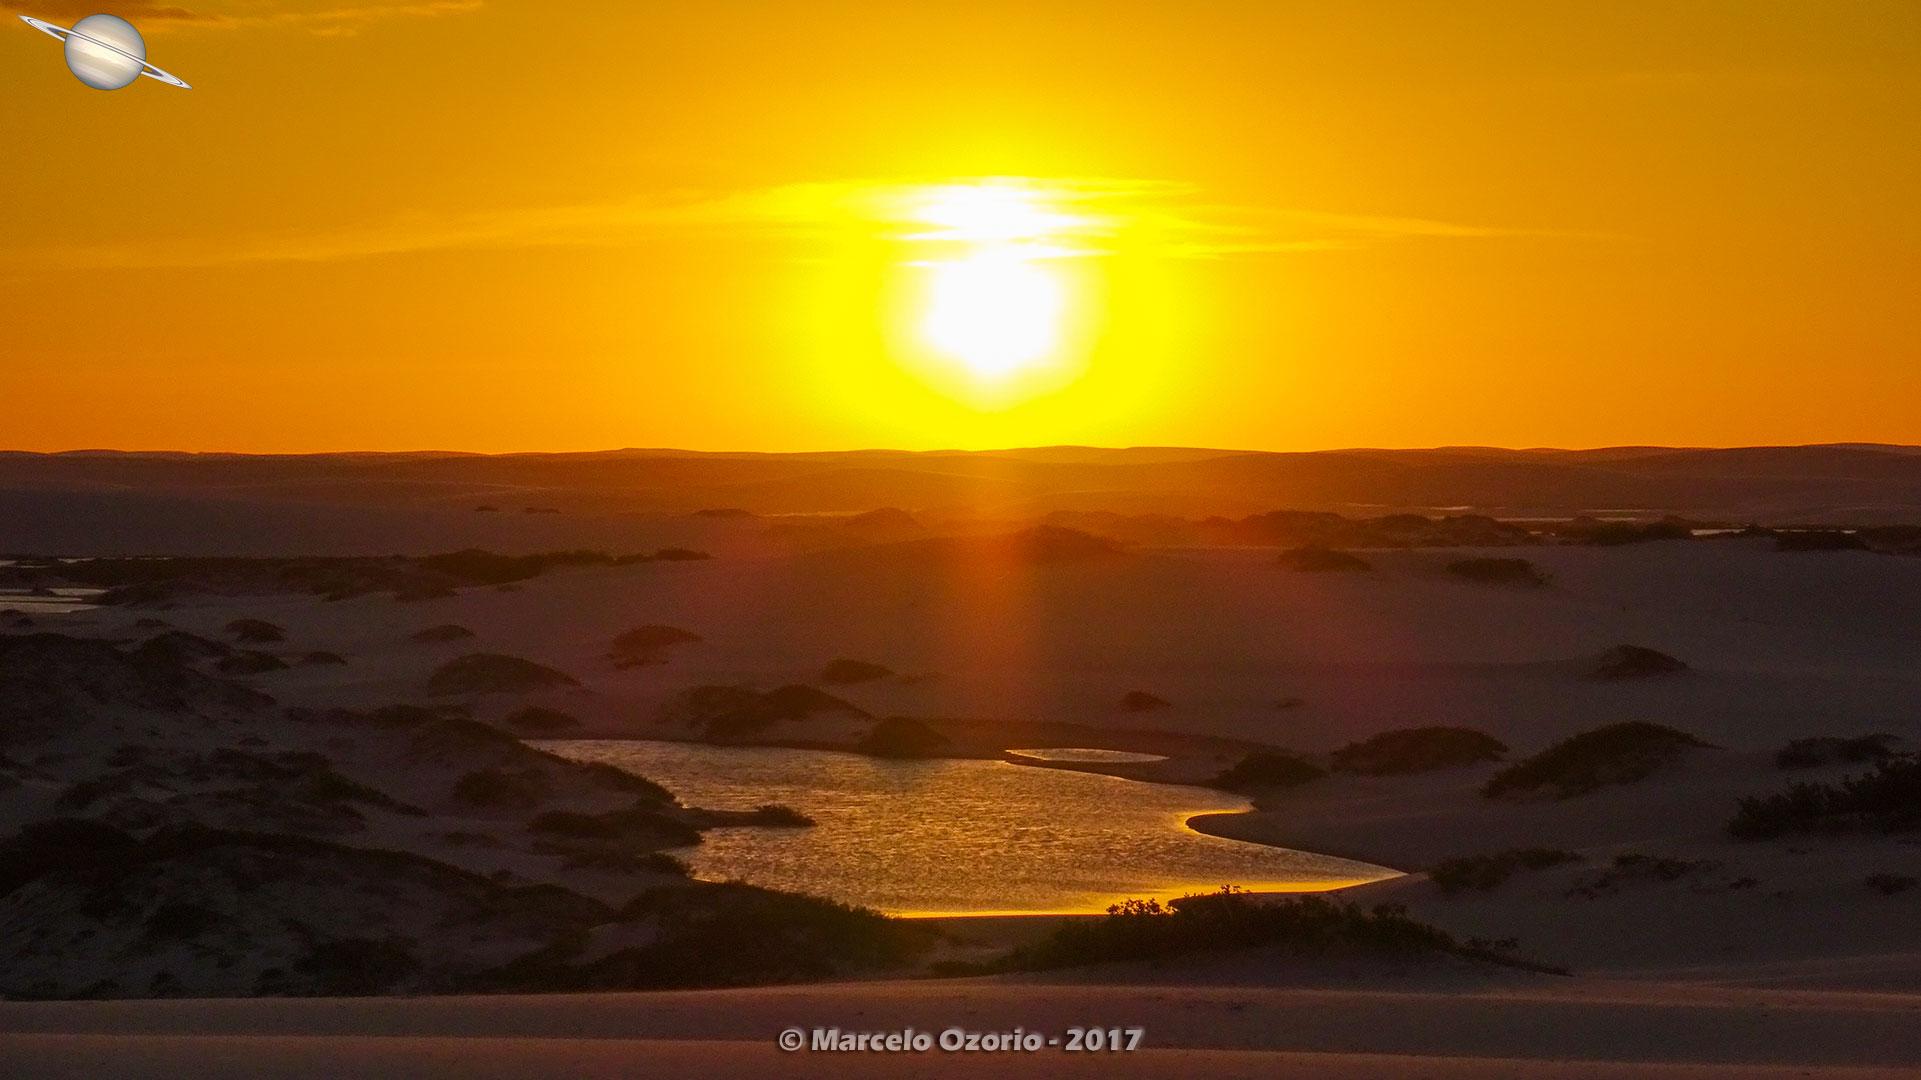 dia 3 explorando lencois maranhenses 60 - Explorando o Centro do Parque Nacional dos Lençóis Maranhenses - Brasil